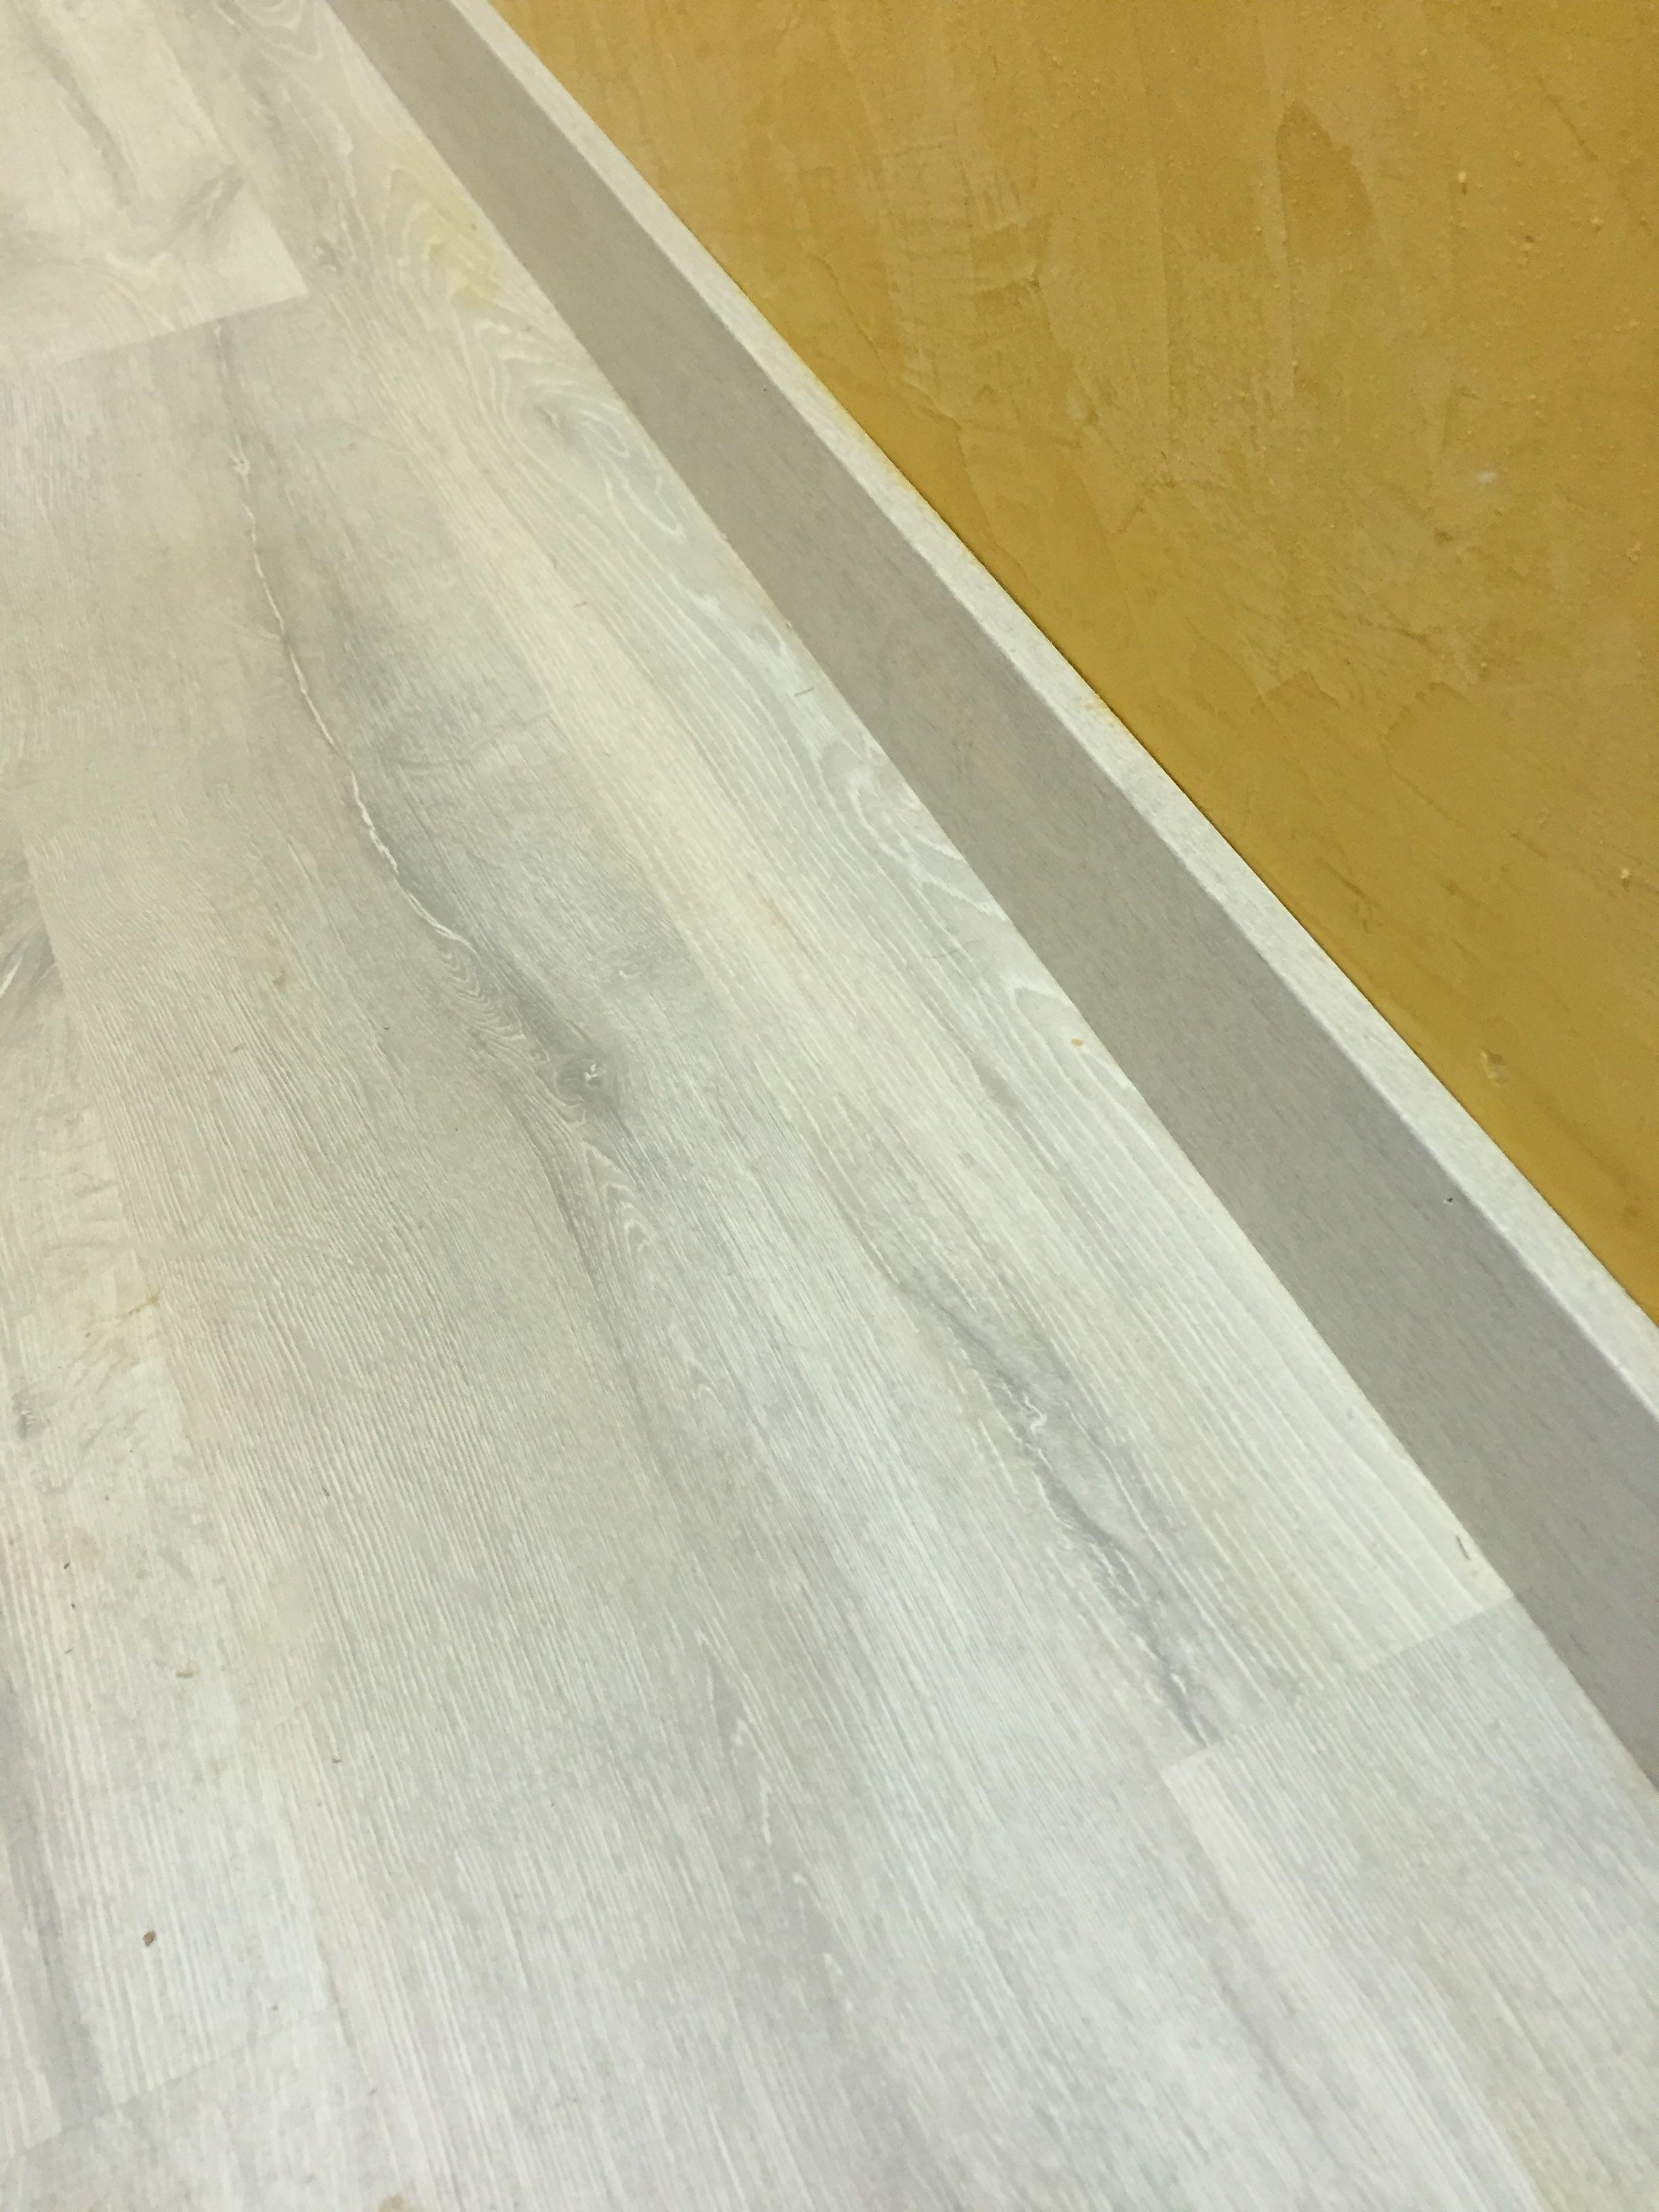 Instalaci n de suelo laminado quick step classic cl1653 for Suelo laminado quick step leroy merlin